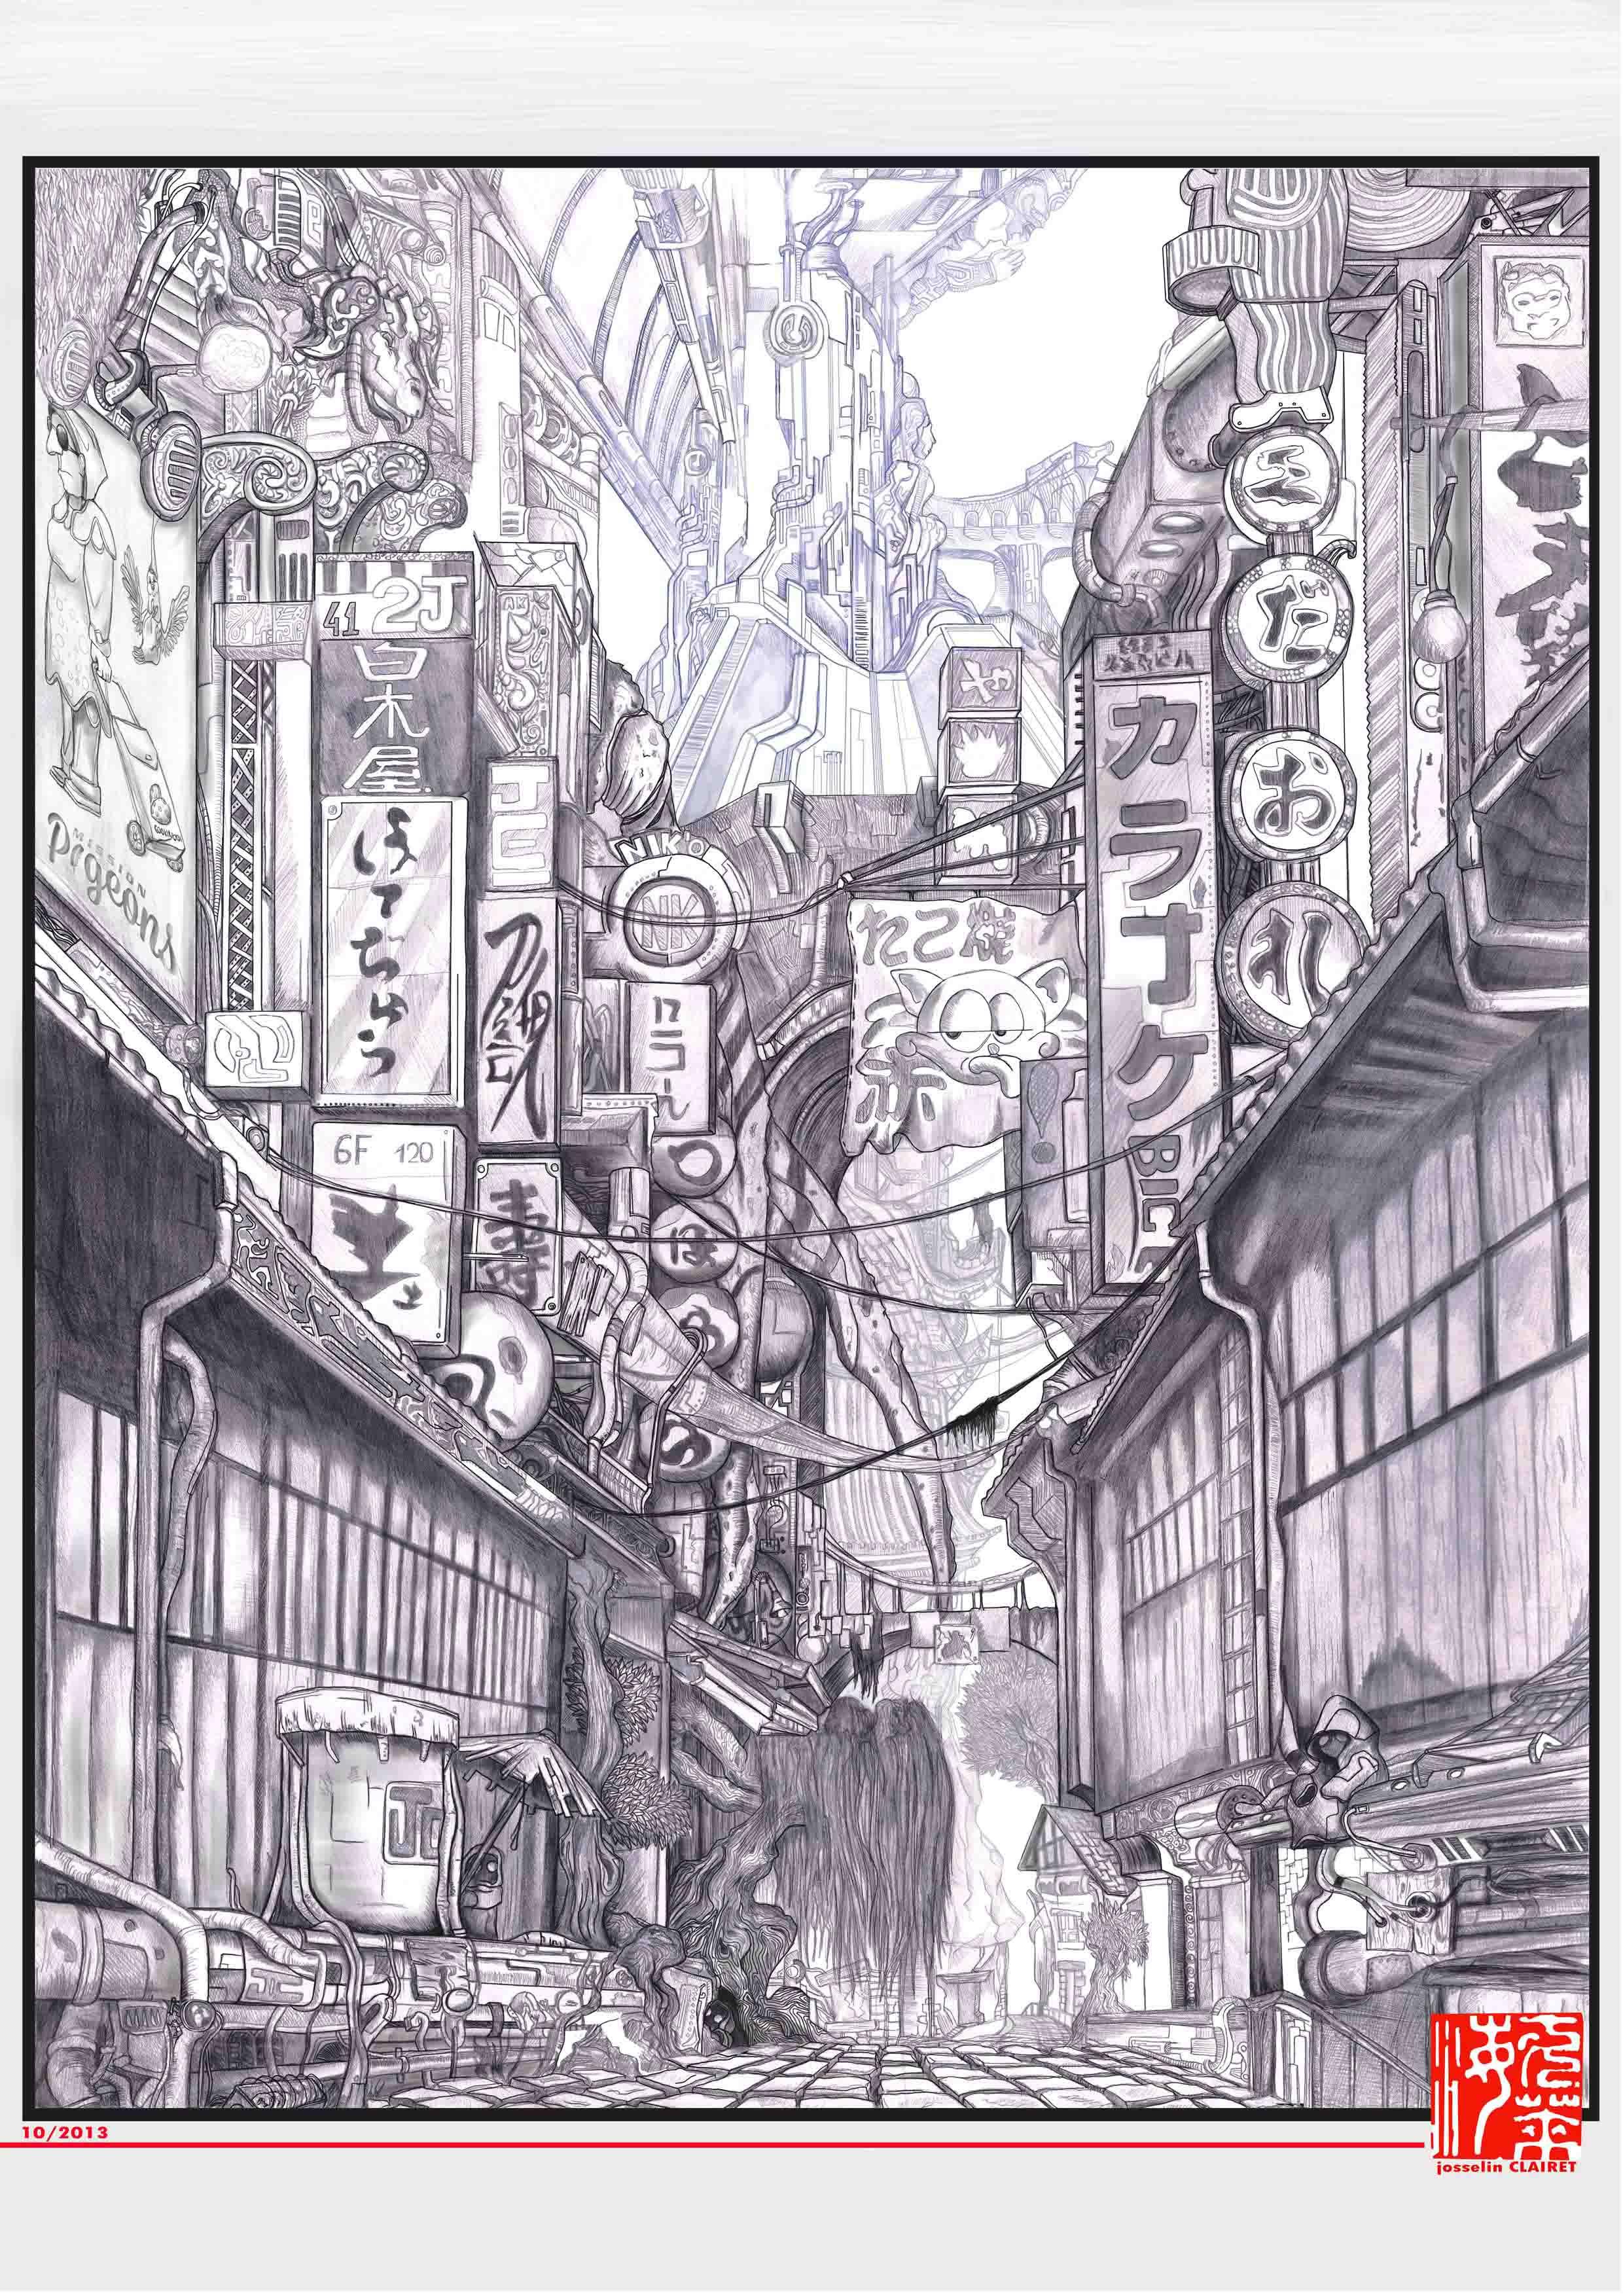 Portfolio Josselin Clairet 187 Dessin Tokyo